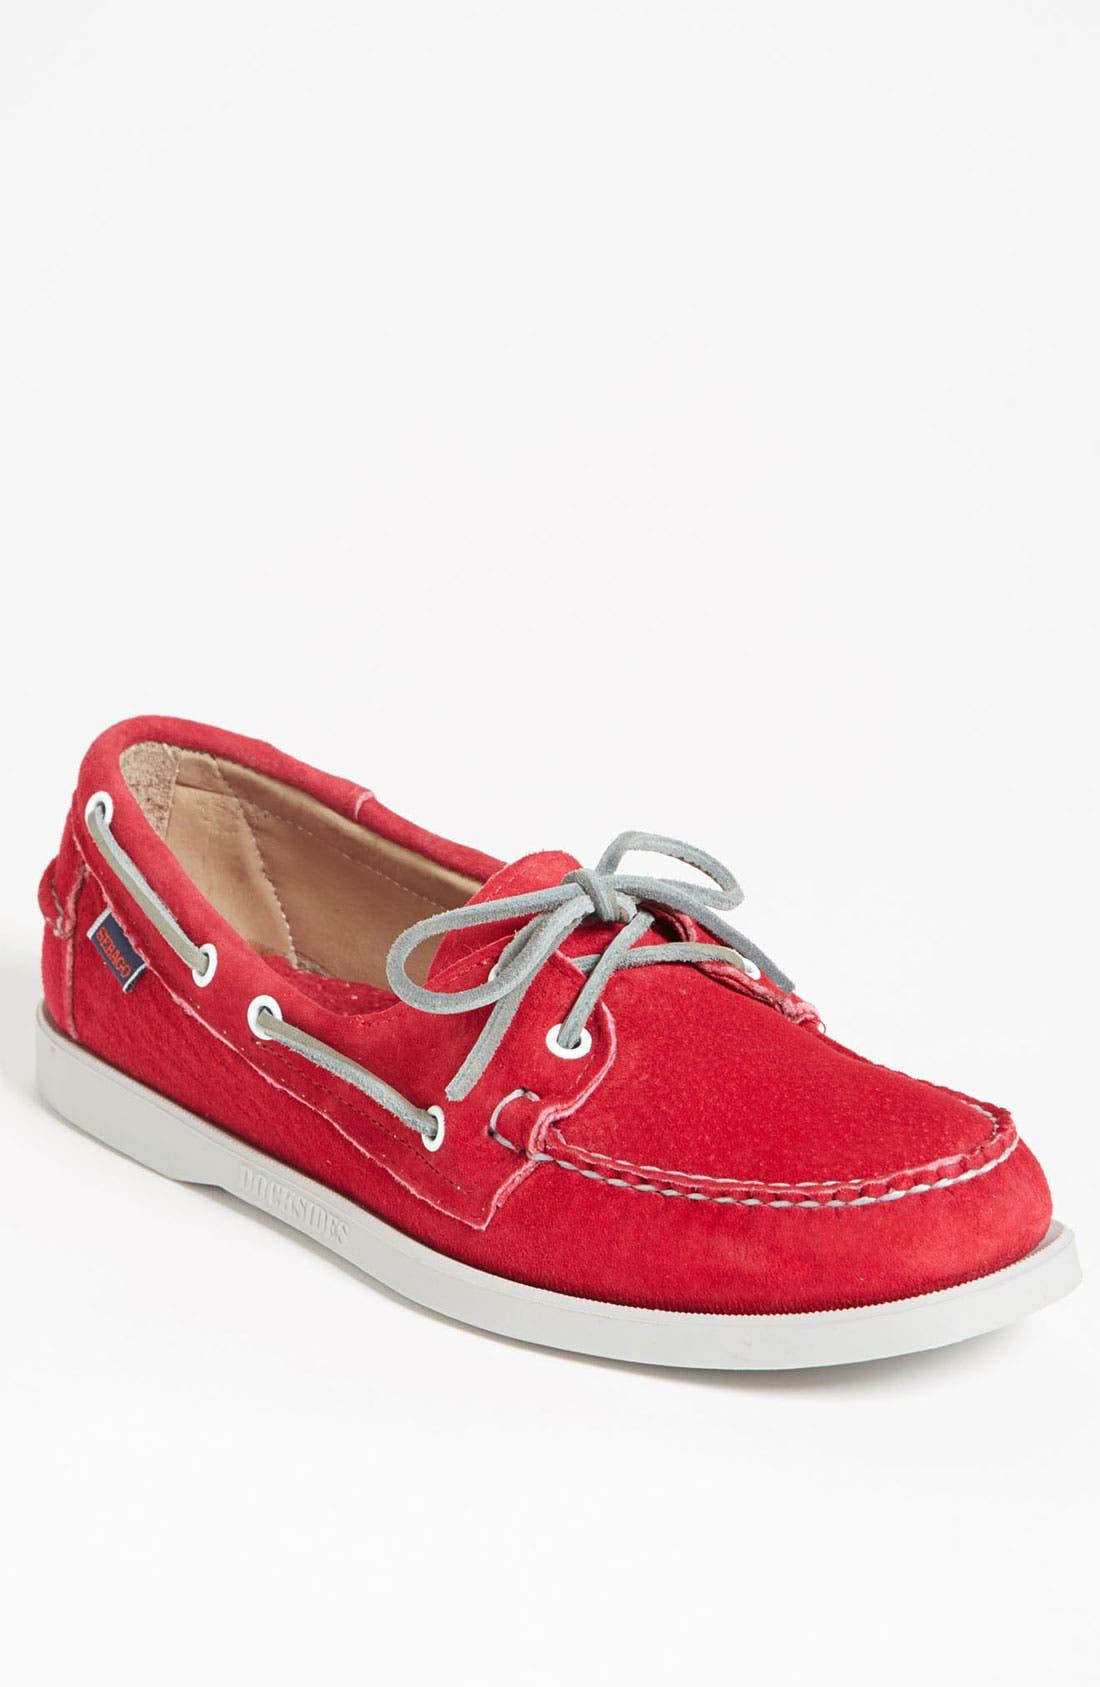 Alternate Image 1 Selected - Sebago 'Docksides®' Suede Boat Shoe